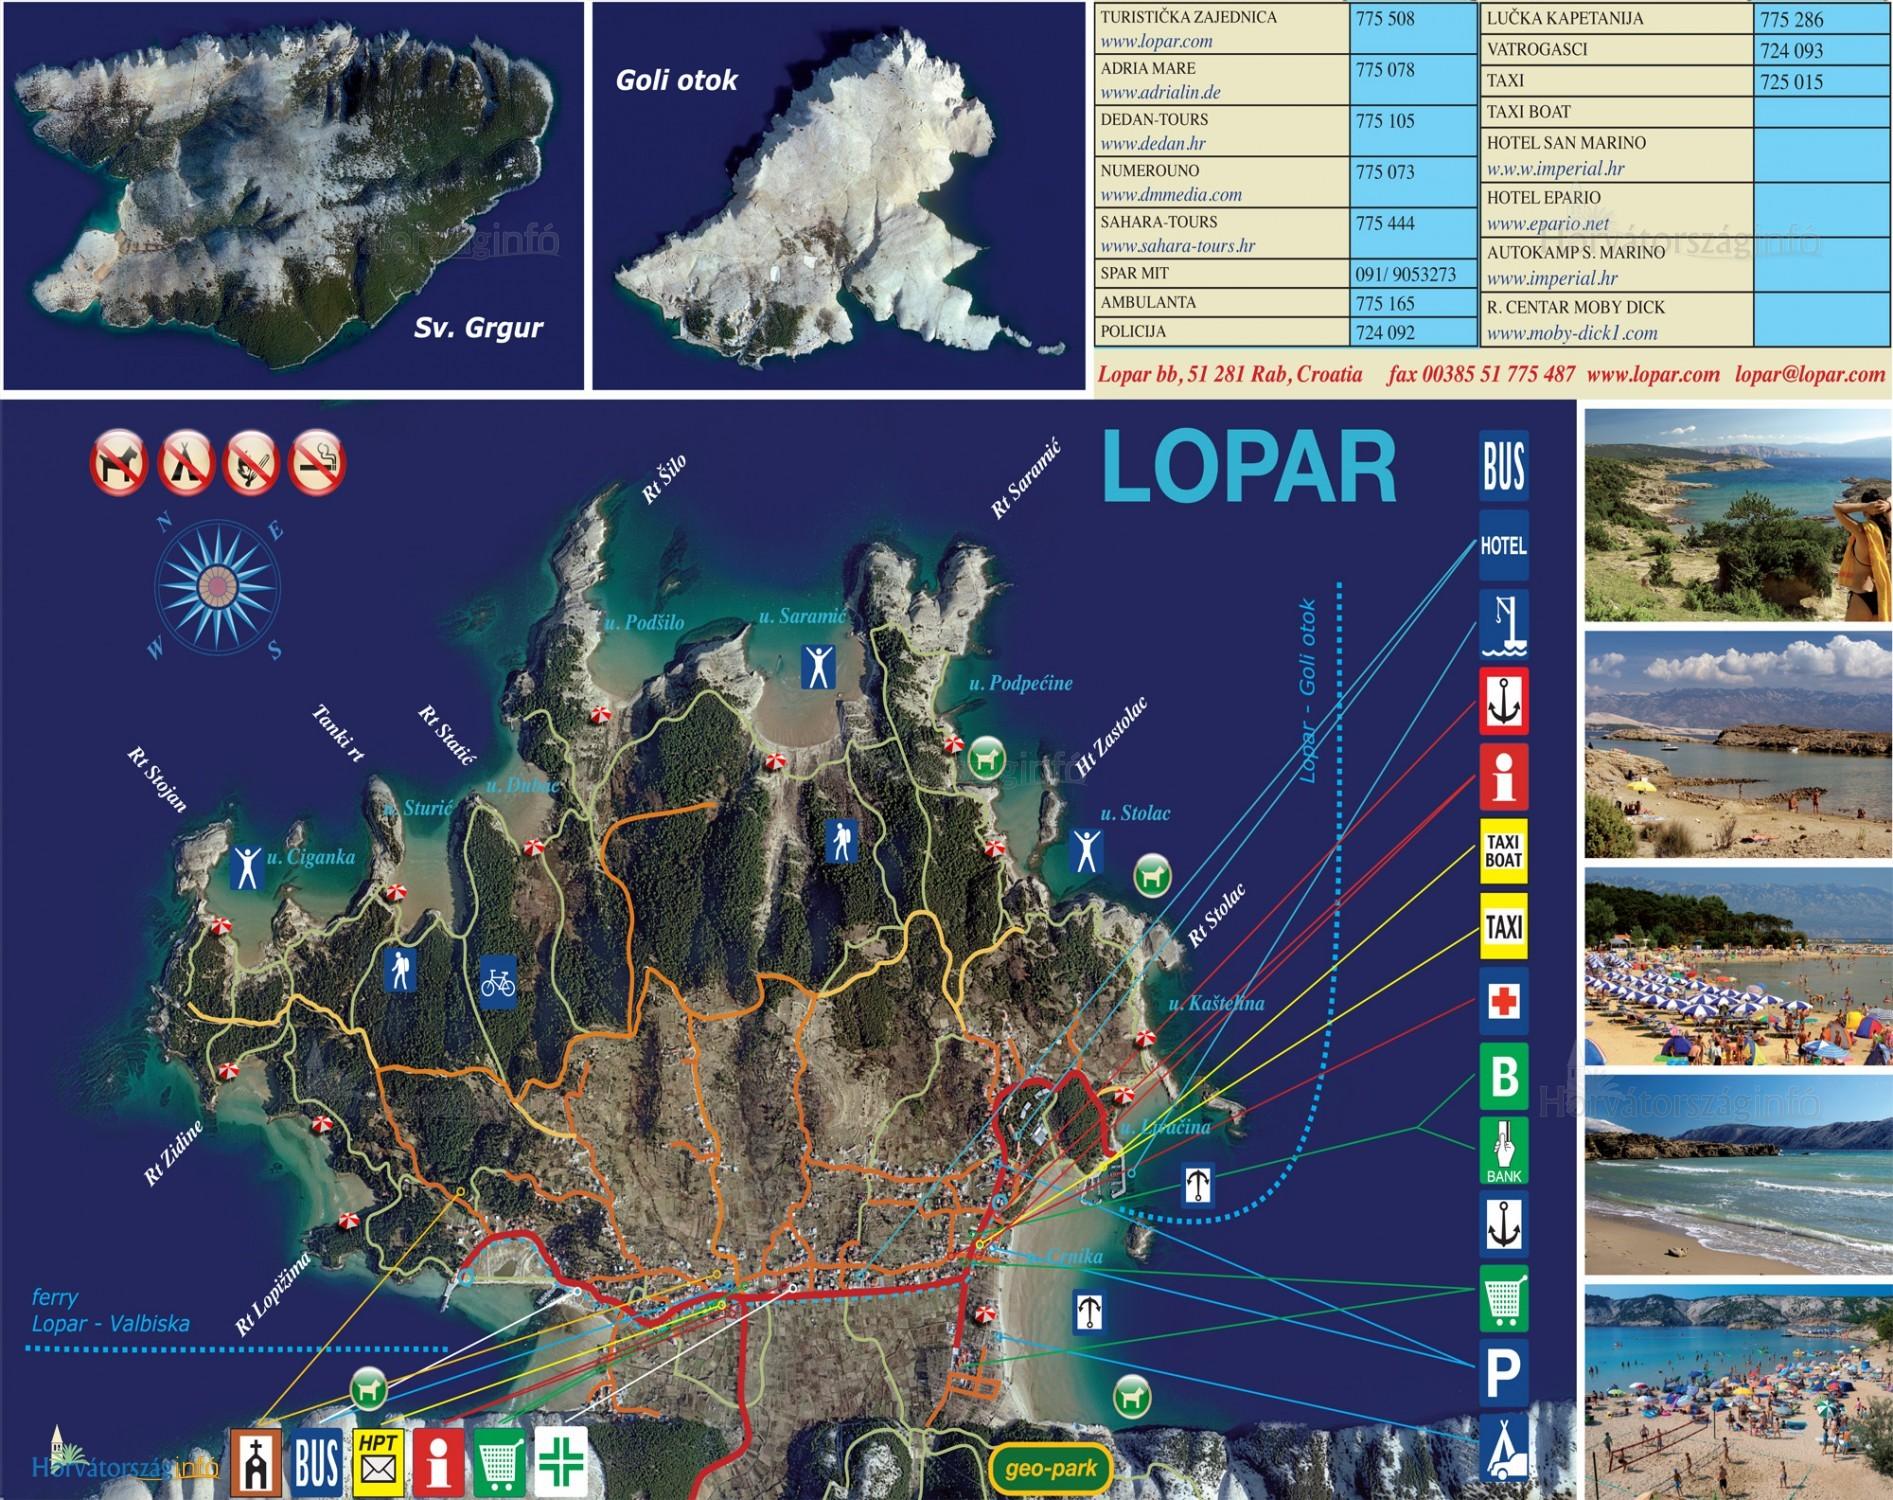 7ae19c9e16 Lopar térképén jól látható az összes strand. Vannak nudista és kutyás  részek is. Sok